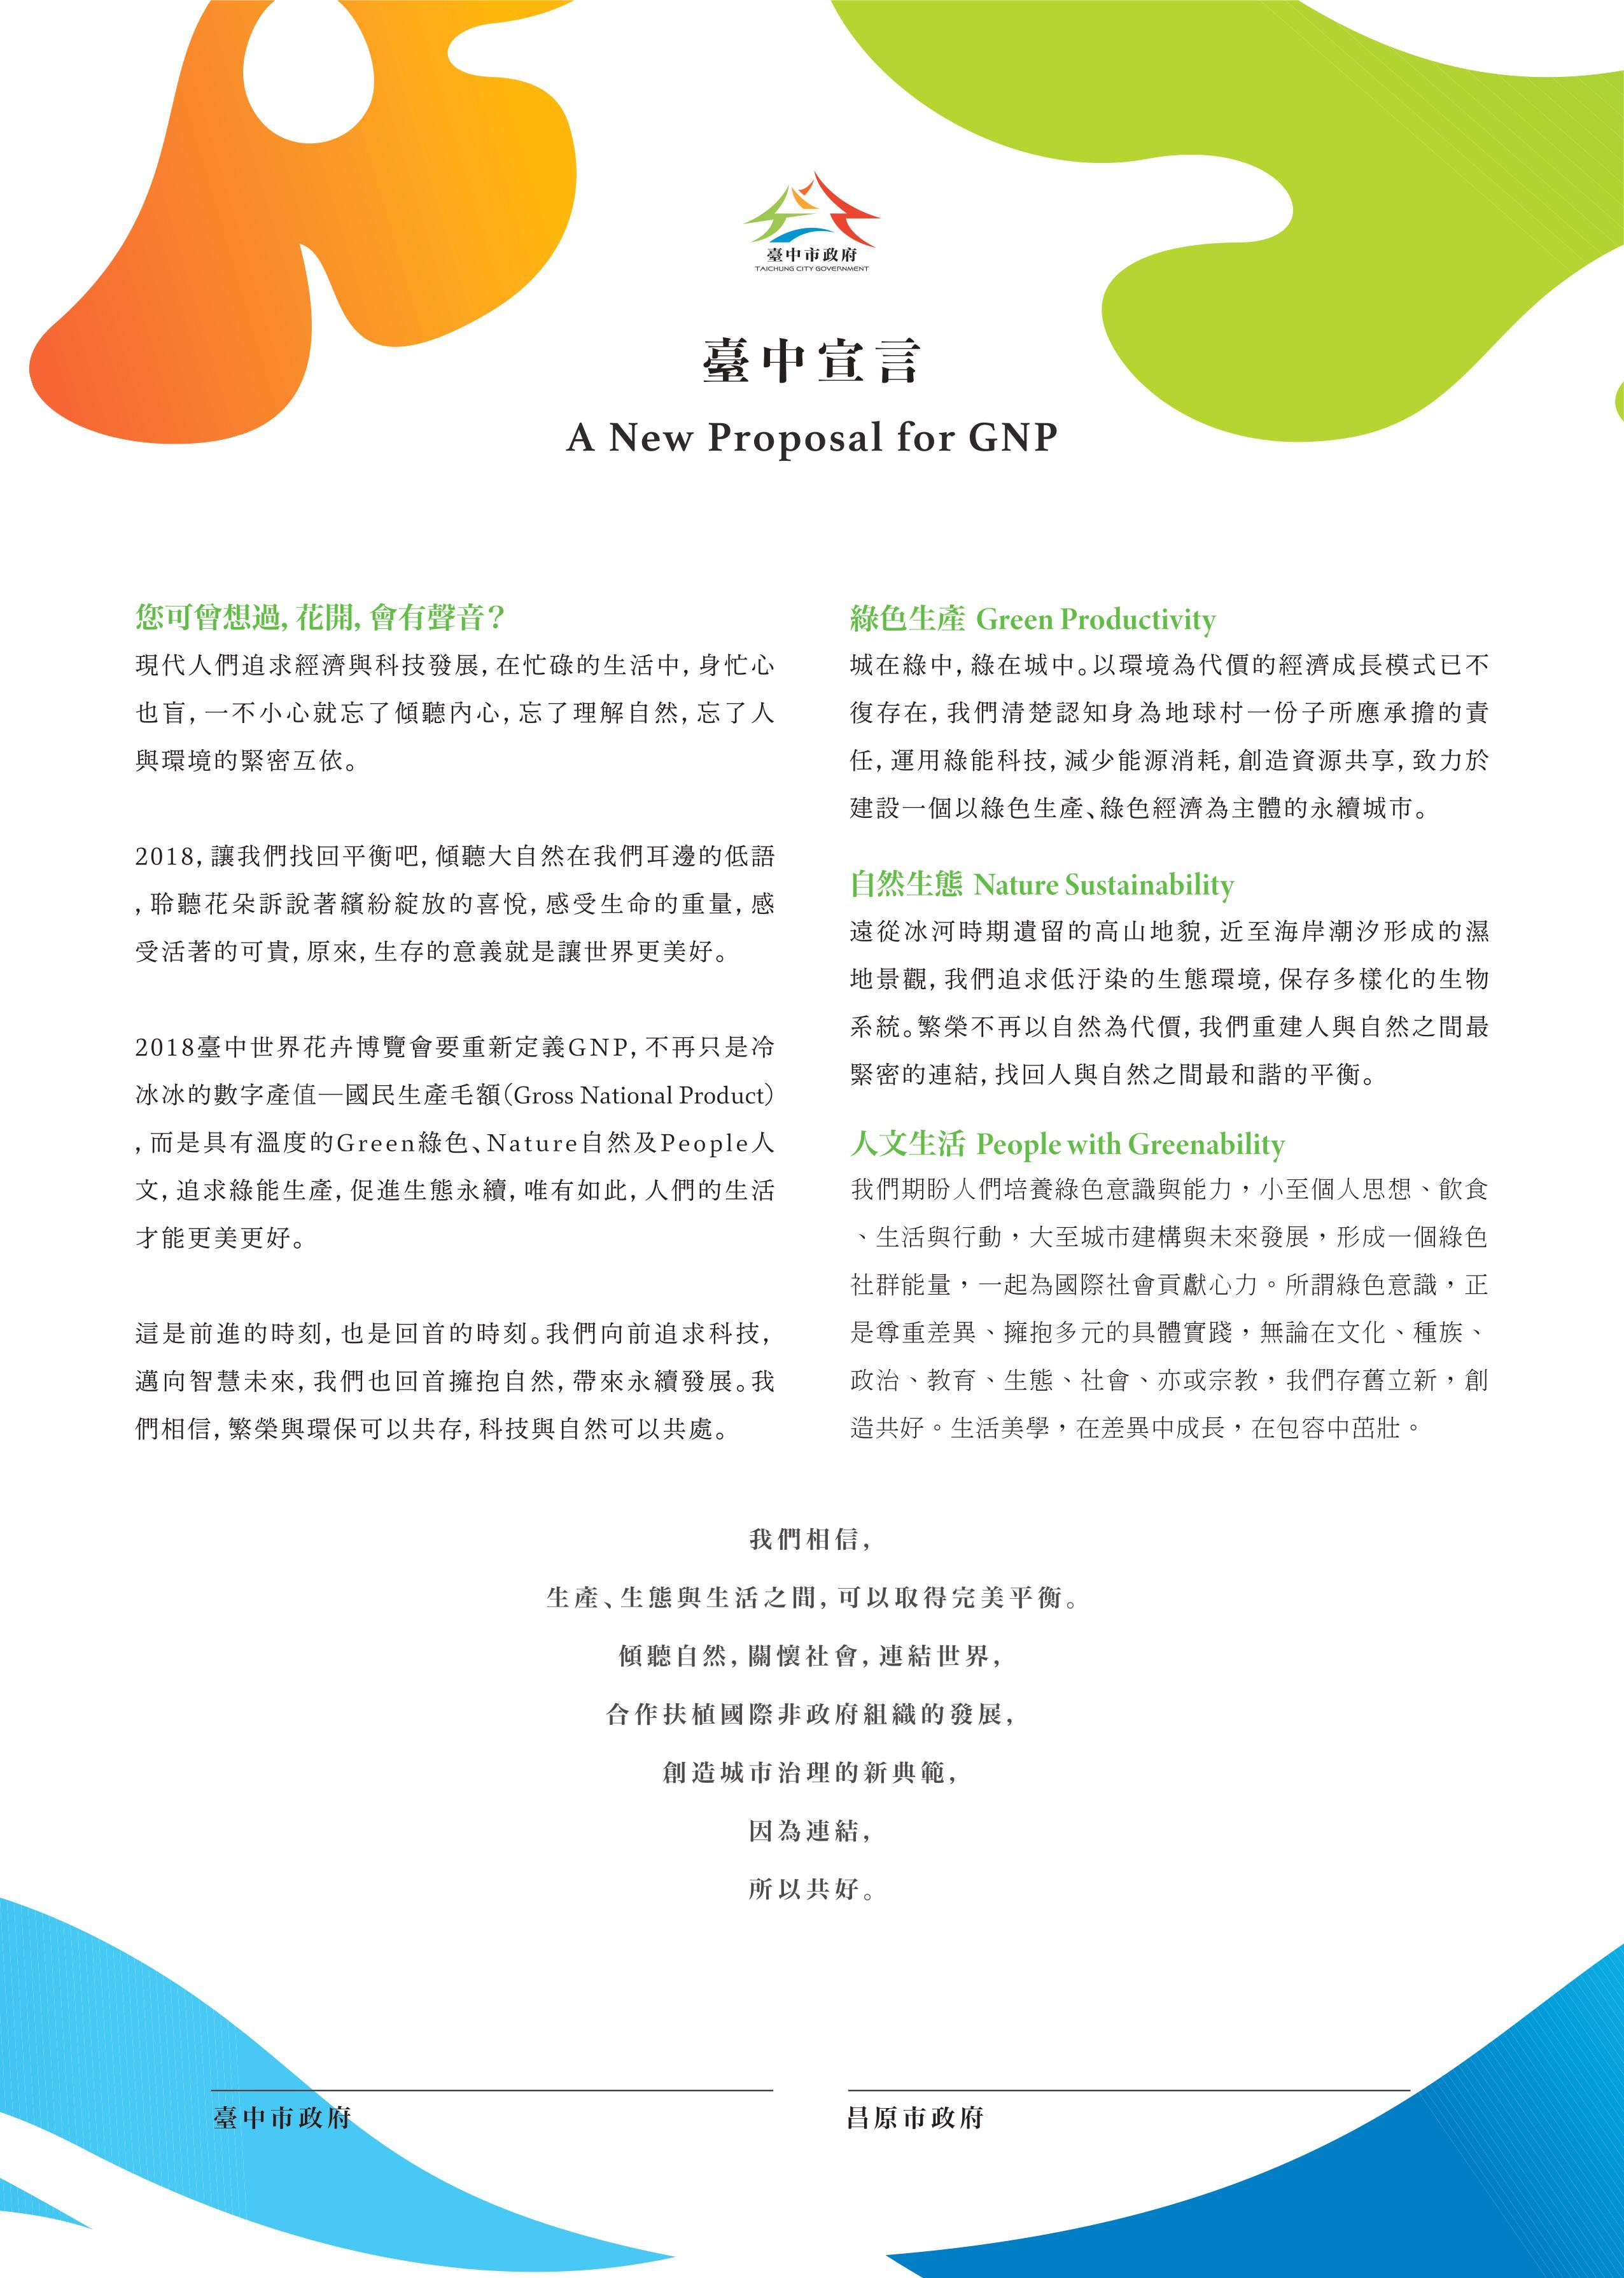 《台中宣言》重新定義GNP 倡議綠色自然人文